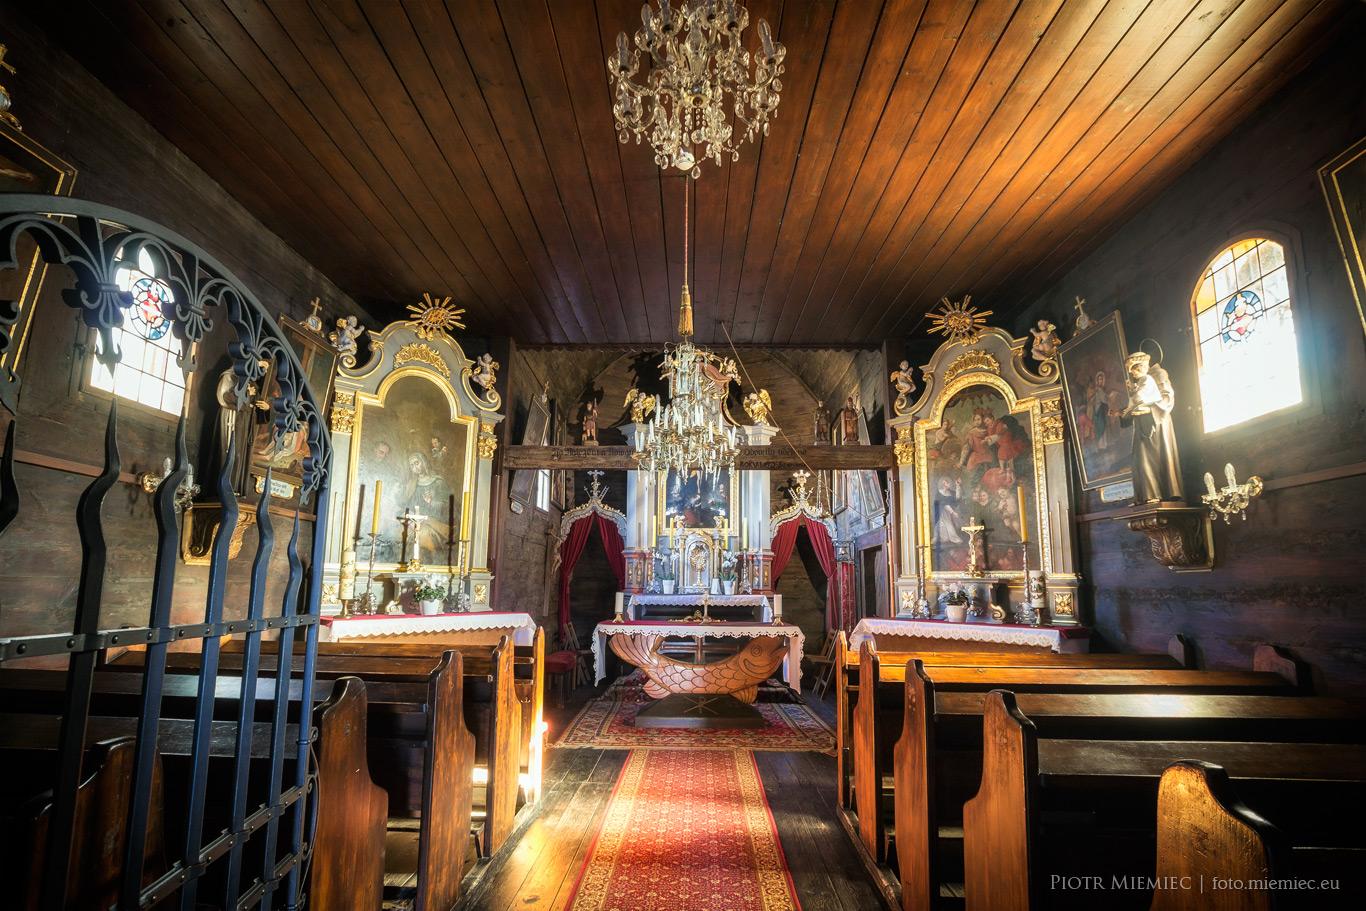 Pietrowice Wielkie - Drewniany kościół odpustowy Świętego Krzyża